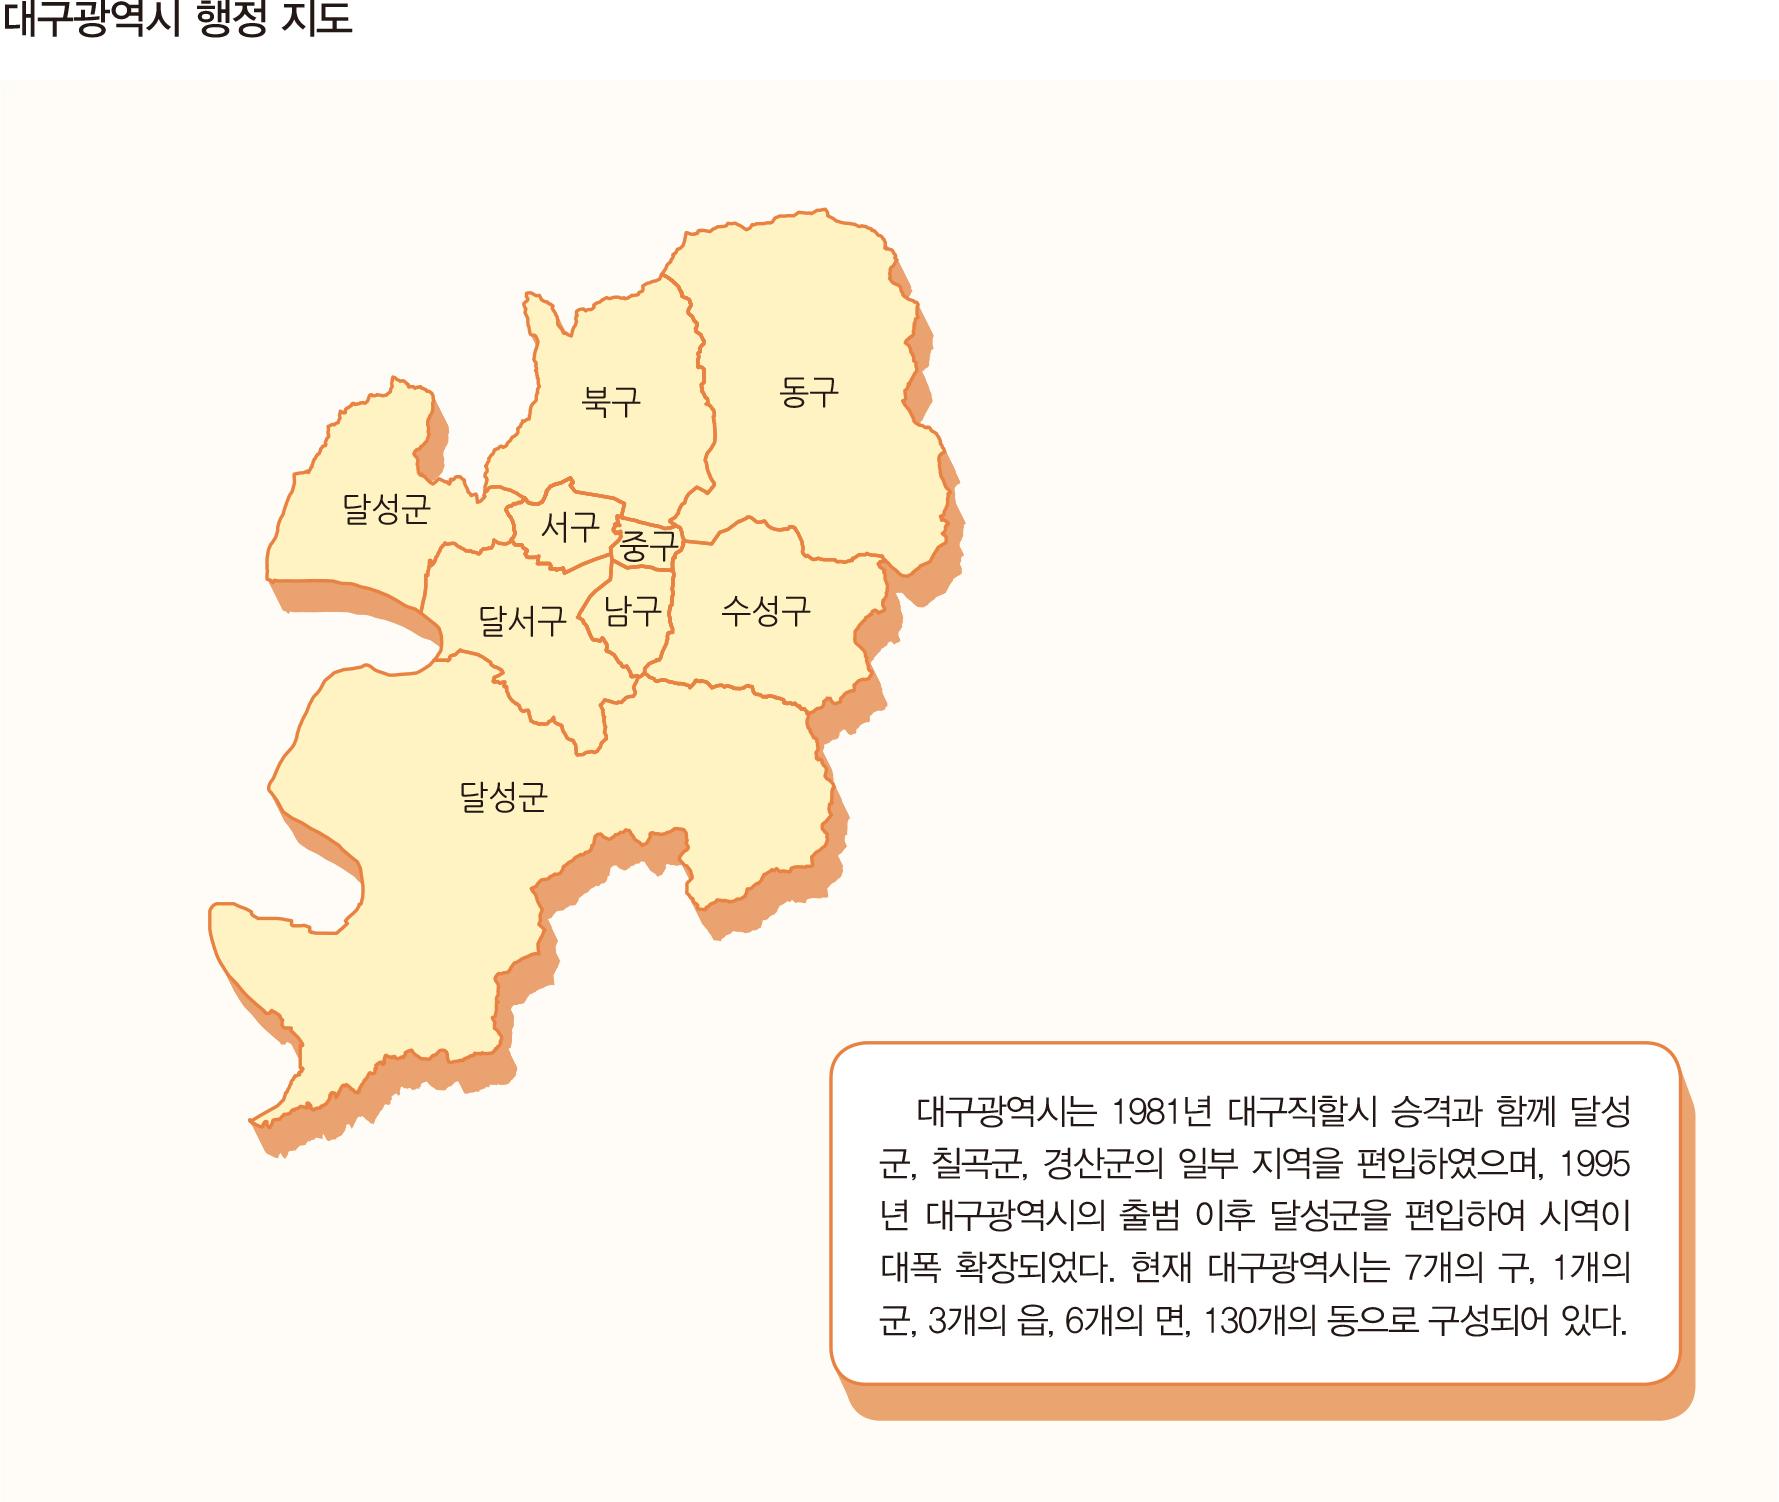 대구광역시 행정 지도